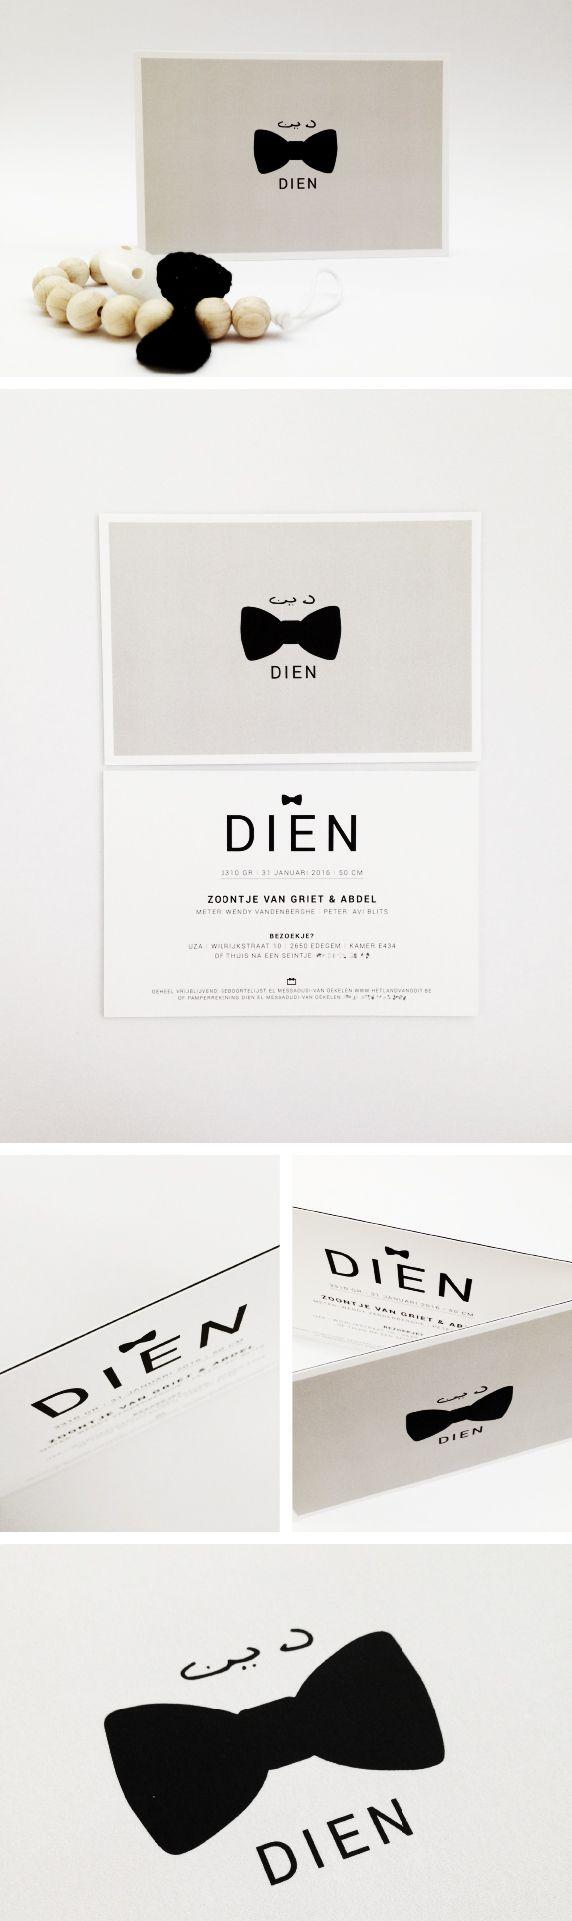 Birth Announcement / Dien